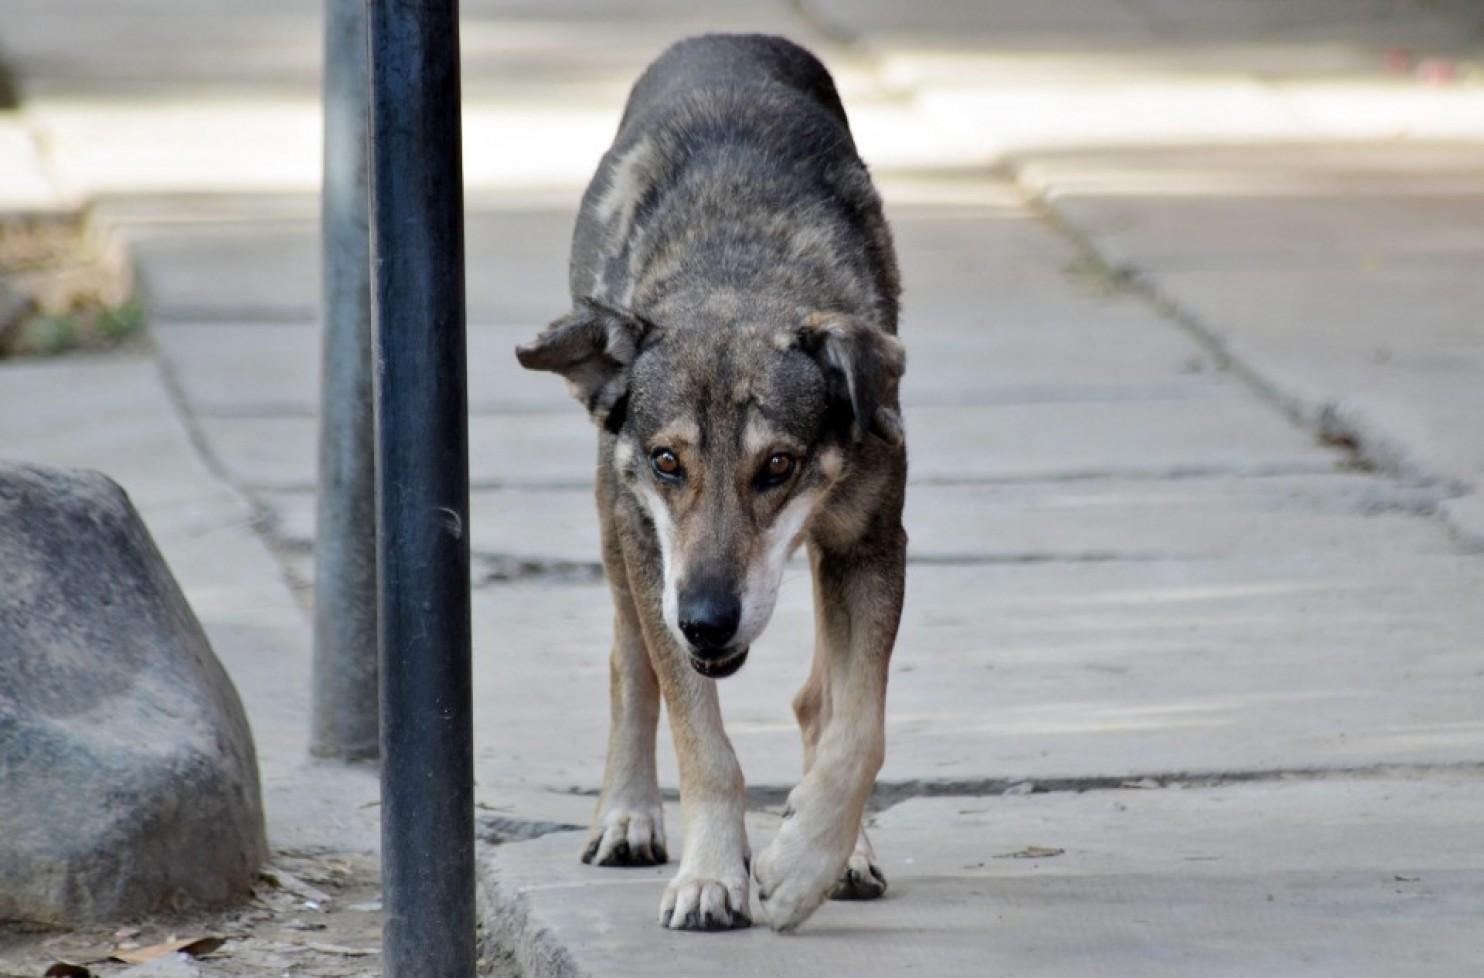 Chú chó này tái hiện hình ảnh của Hachiko sau khi chờ đợi người chủ quá cố suốt 5 năm. Ảnh: EPA